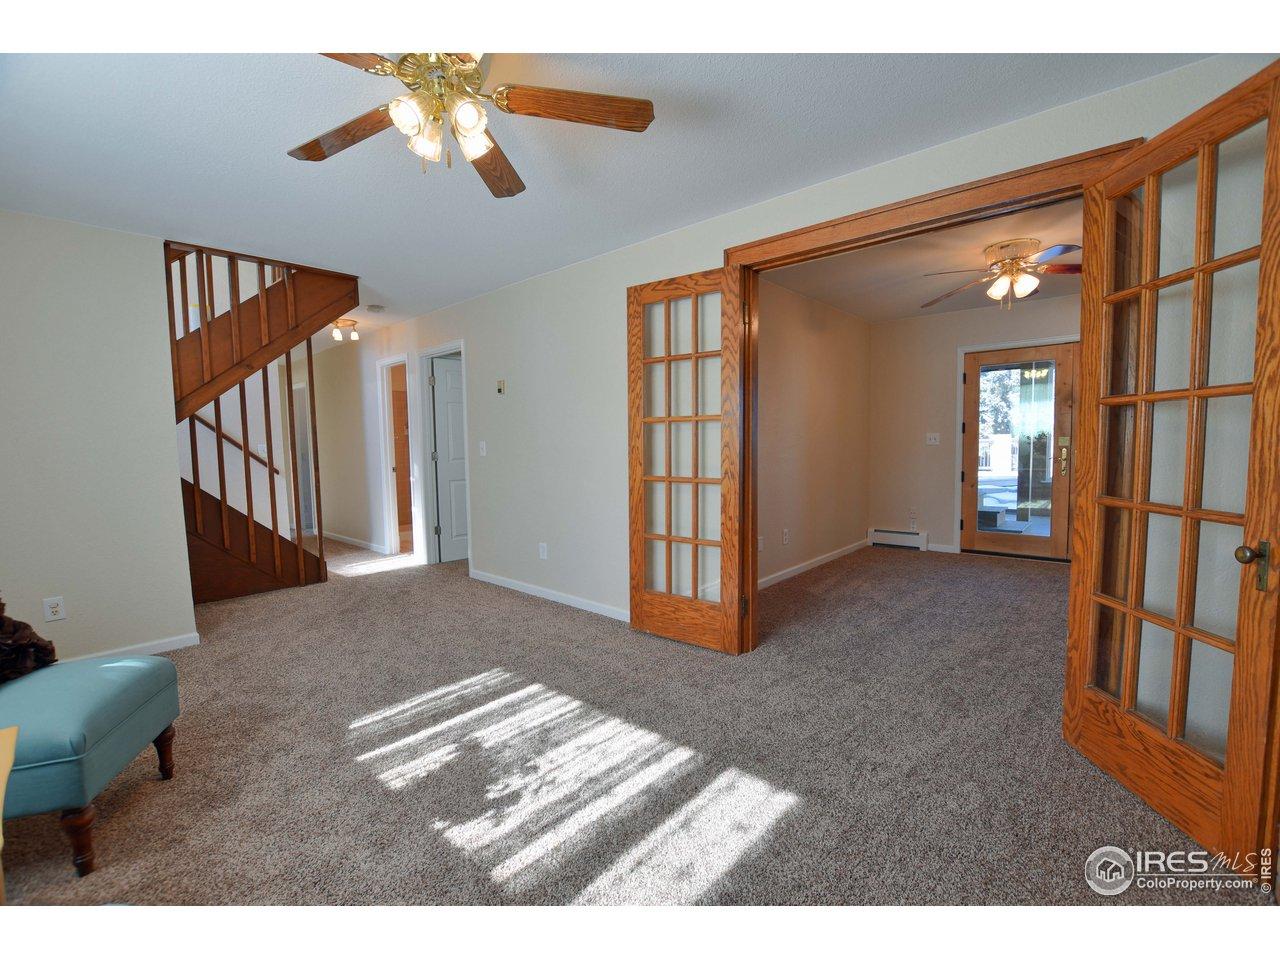 Rear lower level bedroom